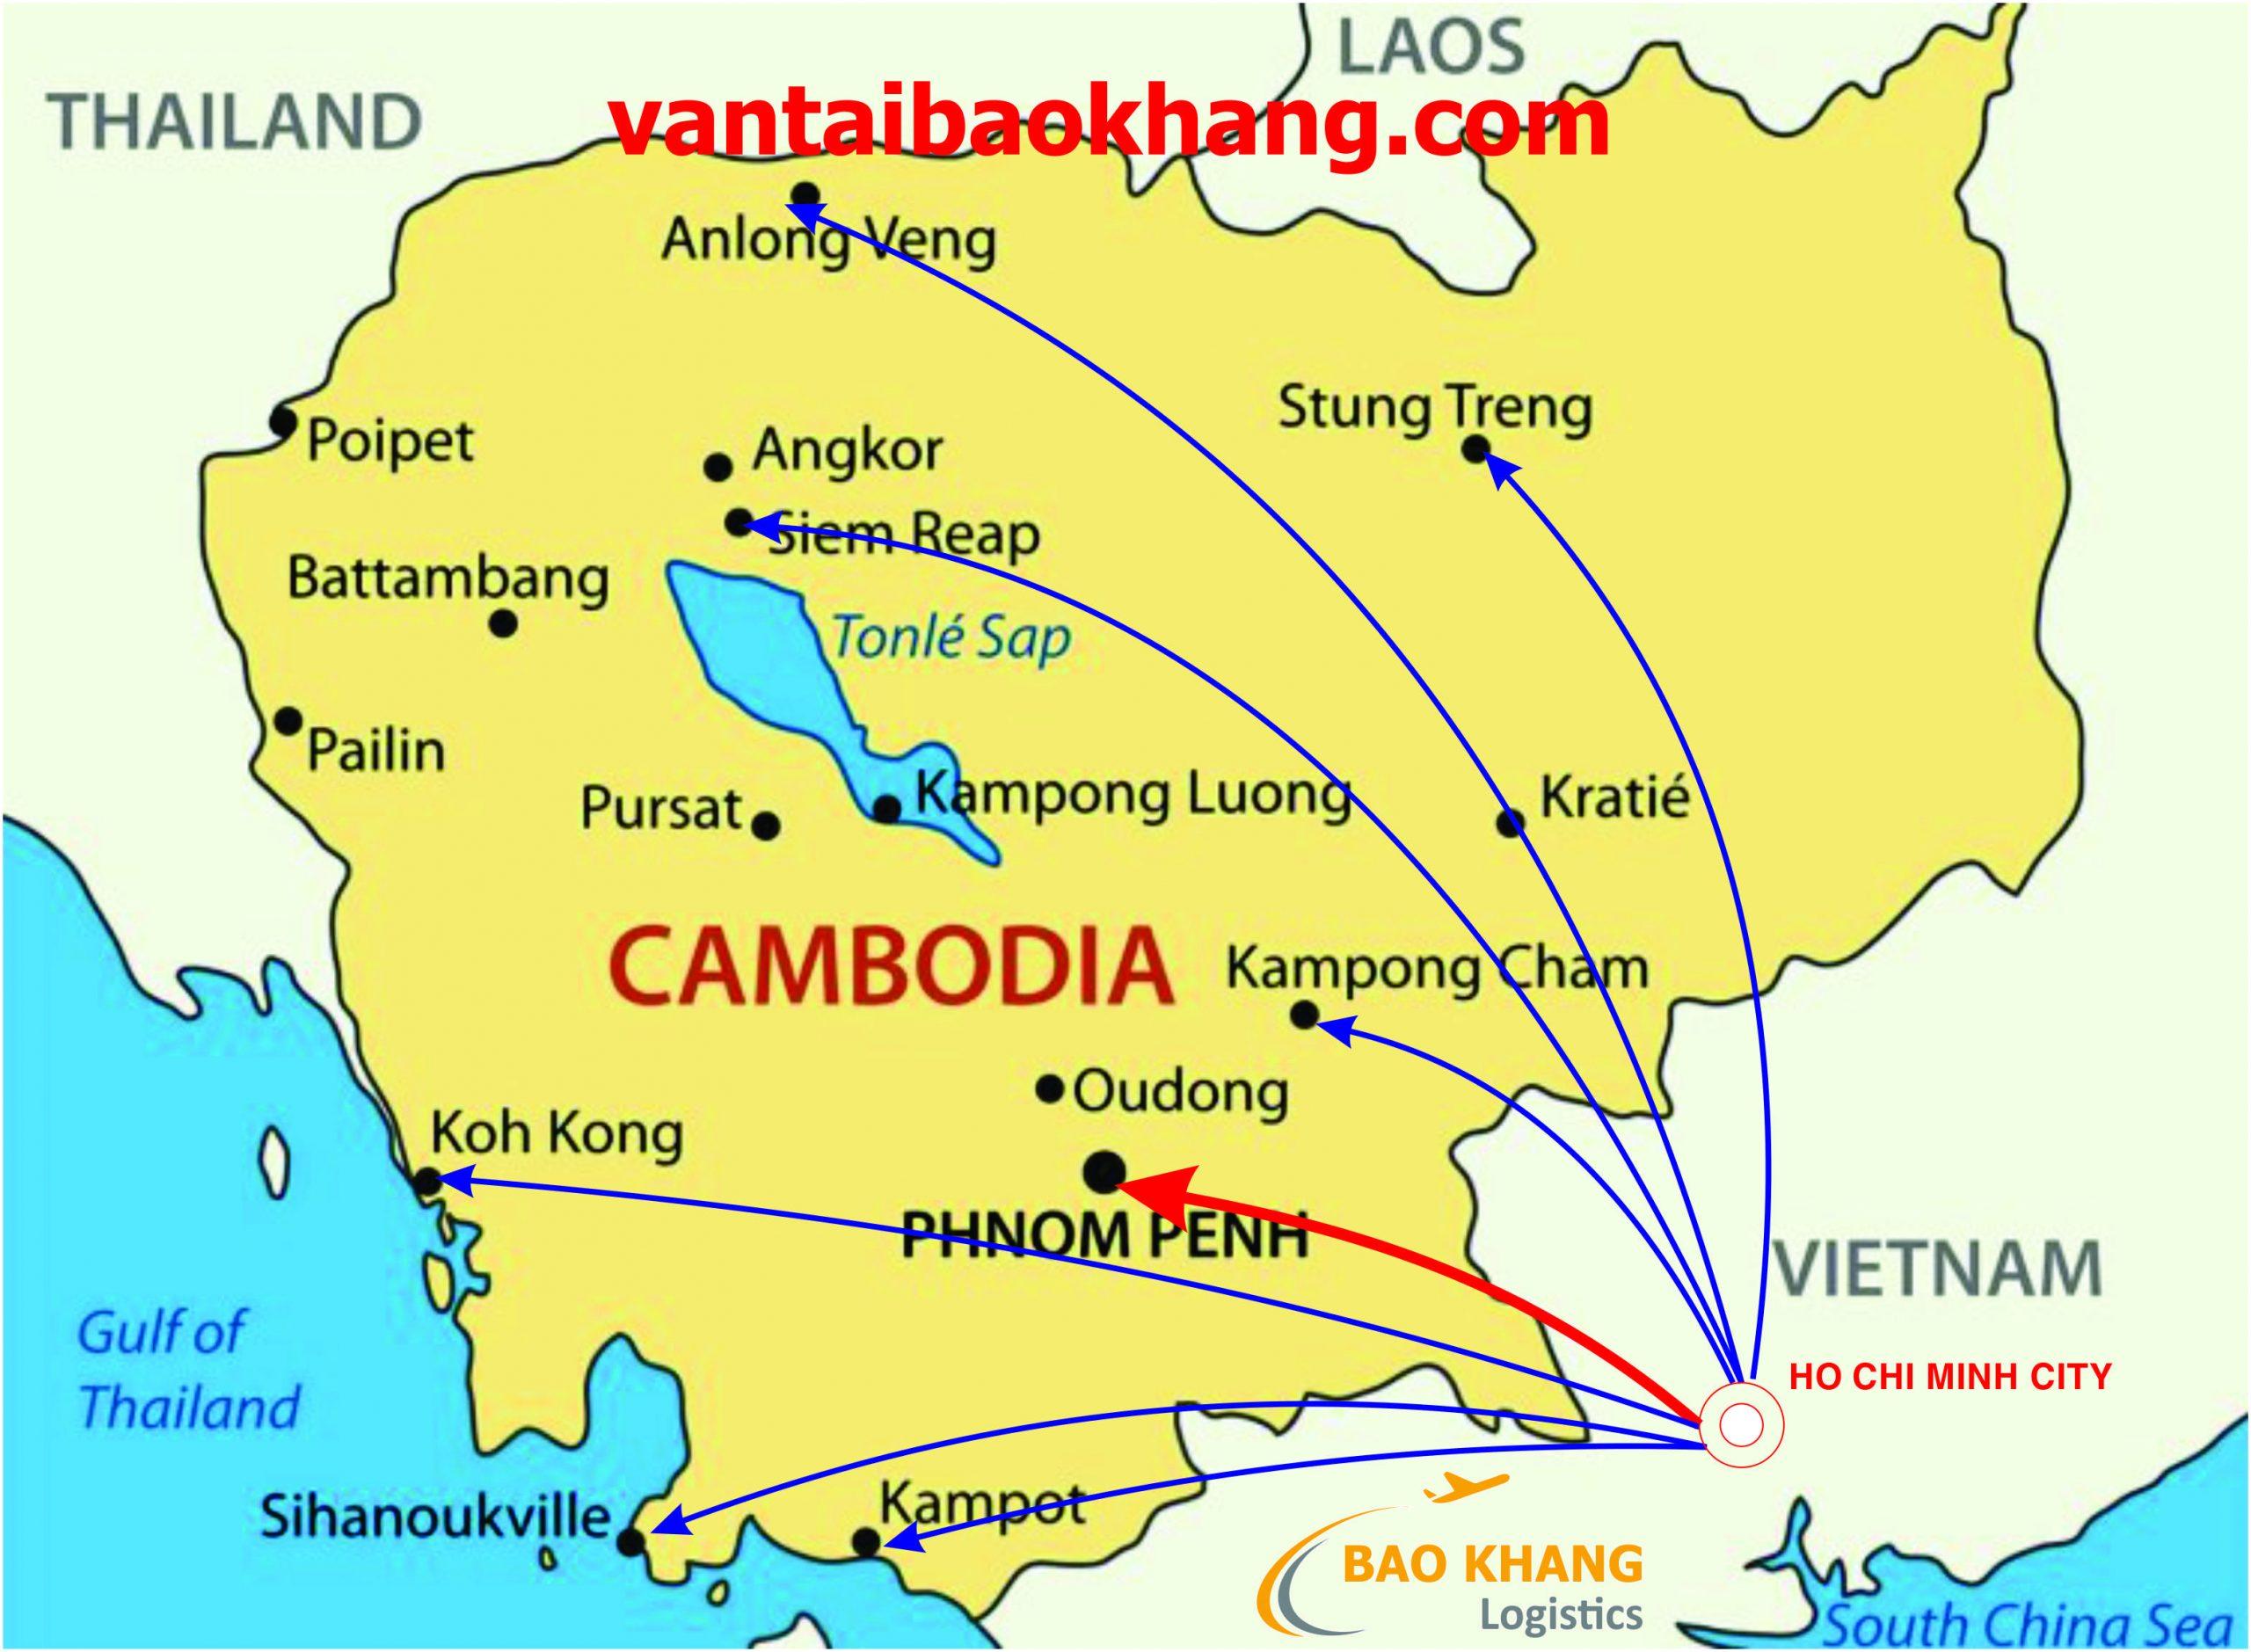 Chuyển hàng Sài Gòn đi Phnom Penh